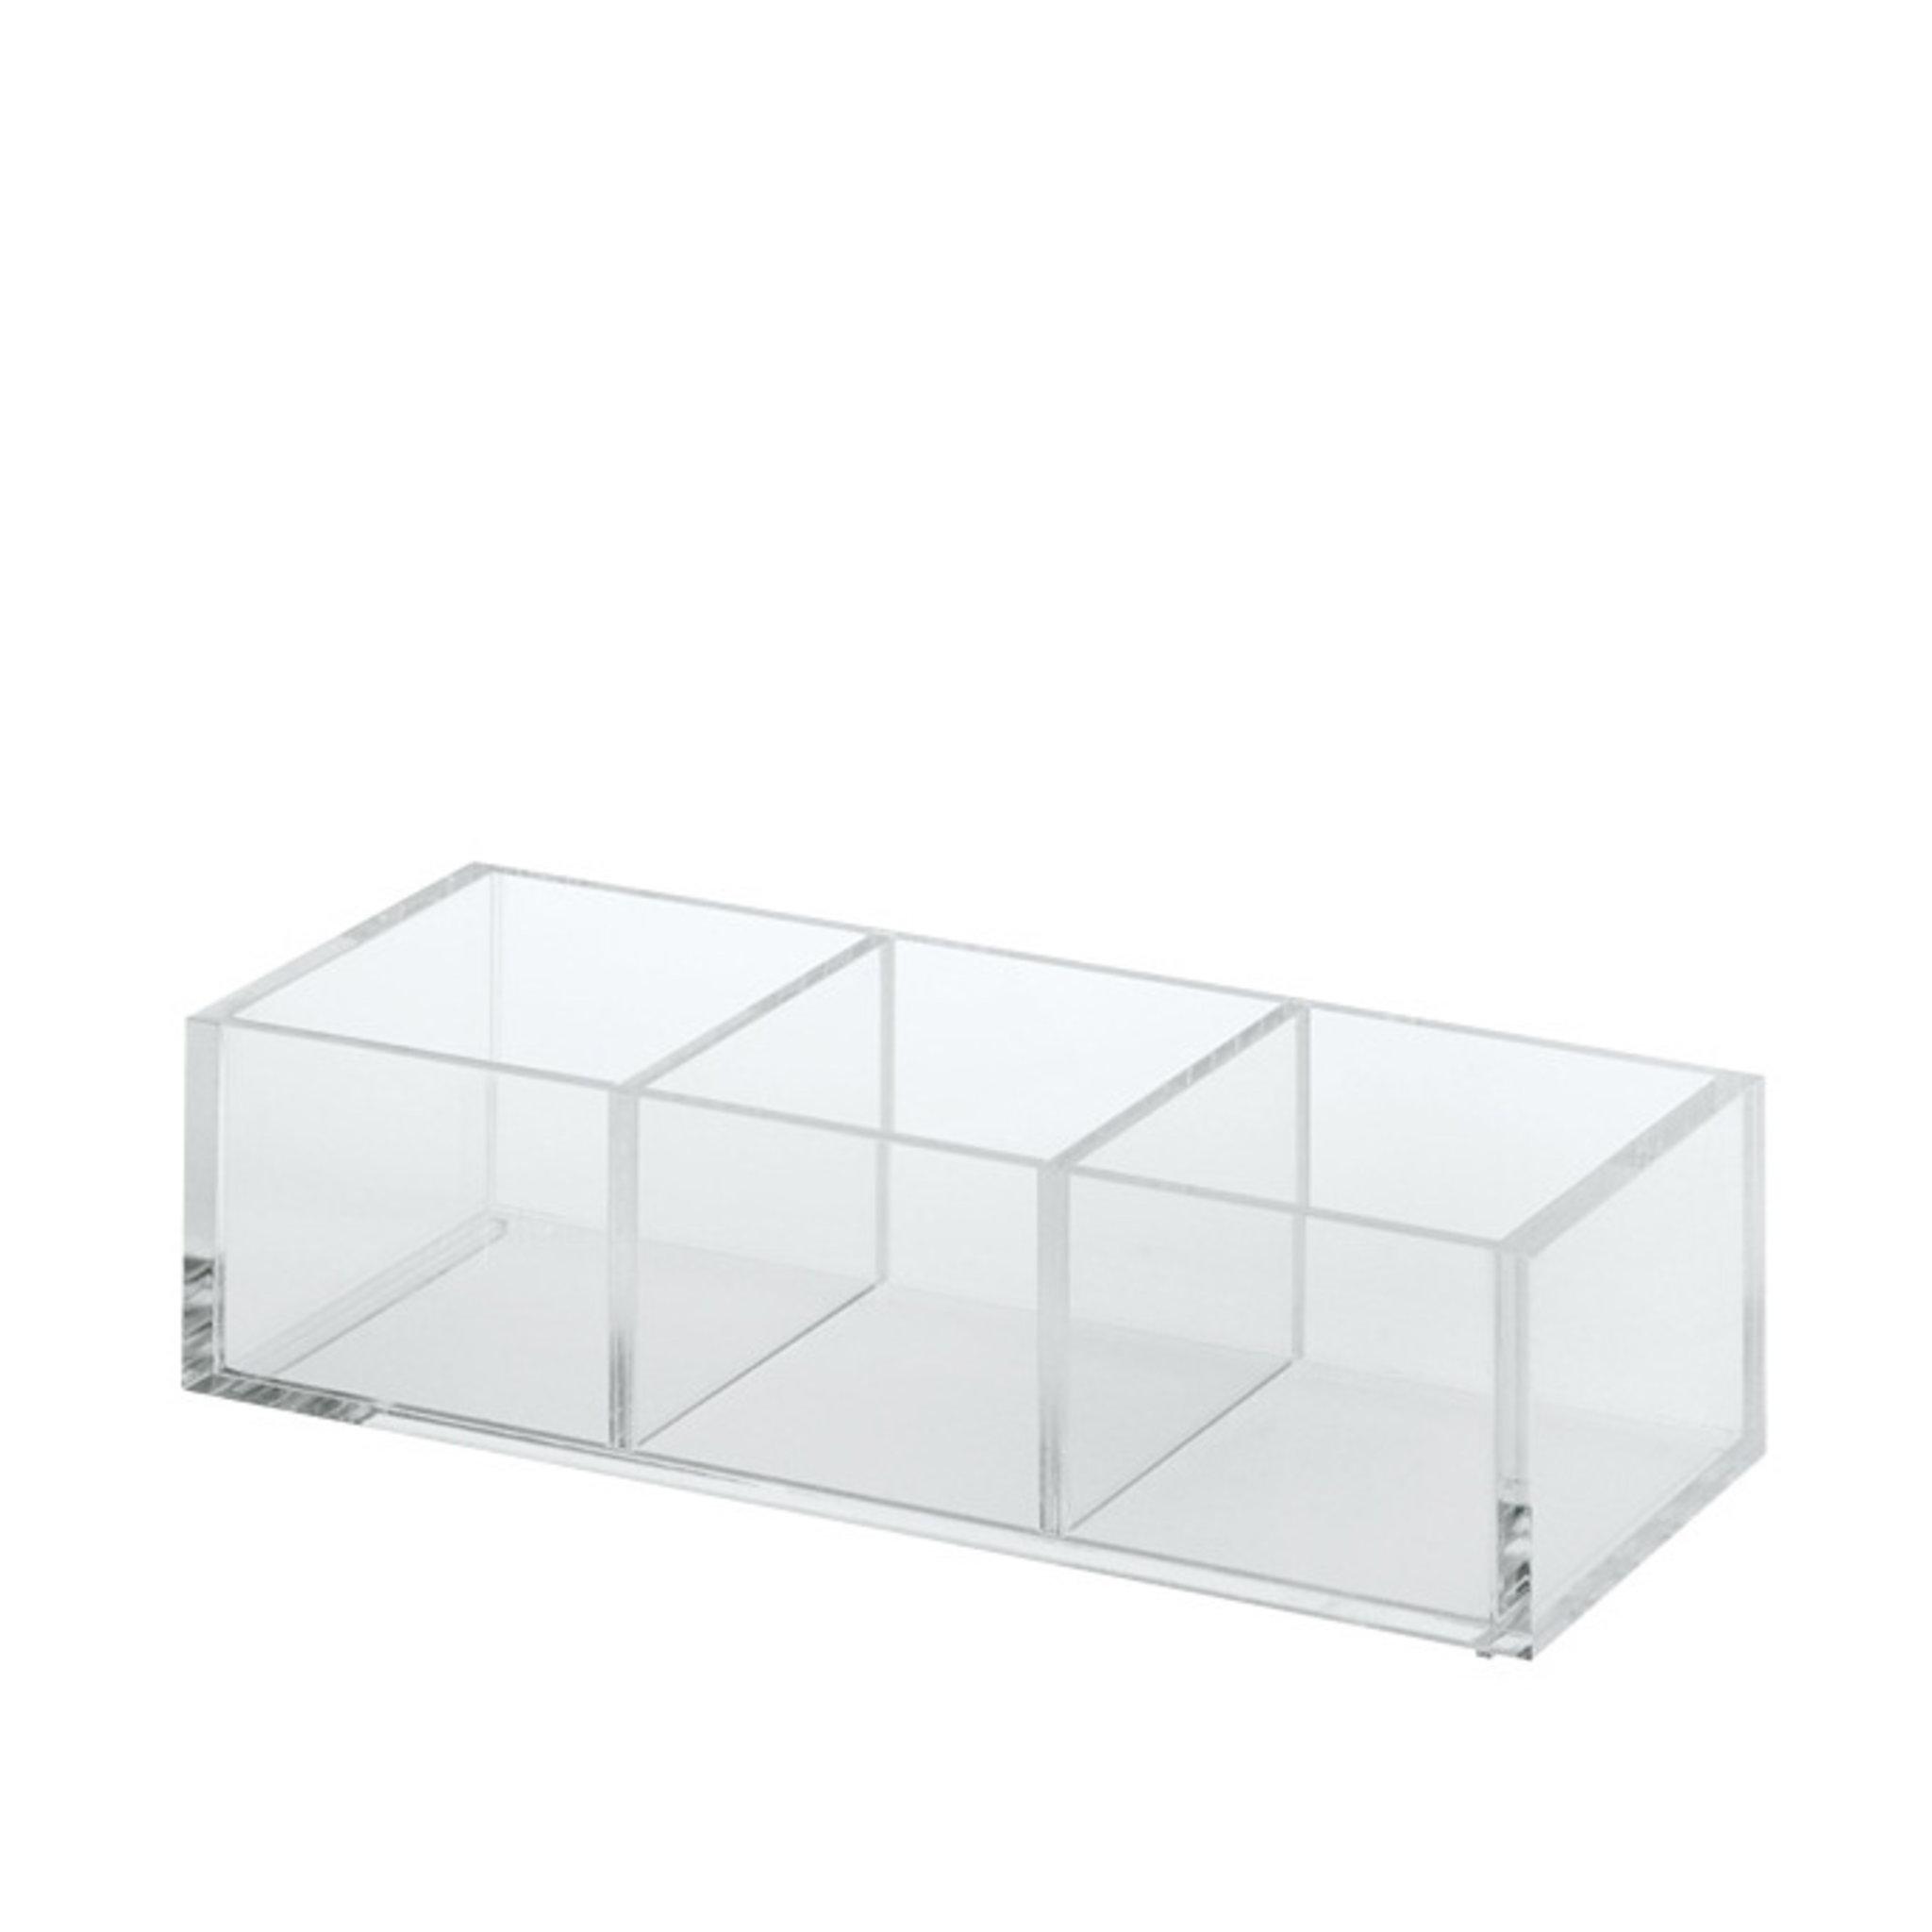 Acrylic Desk Pot - 3 Partitions - Förvaring- Köp online på åhlens.se!